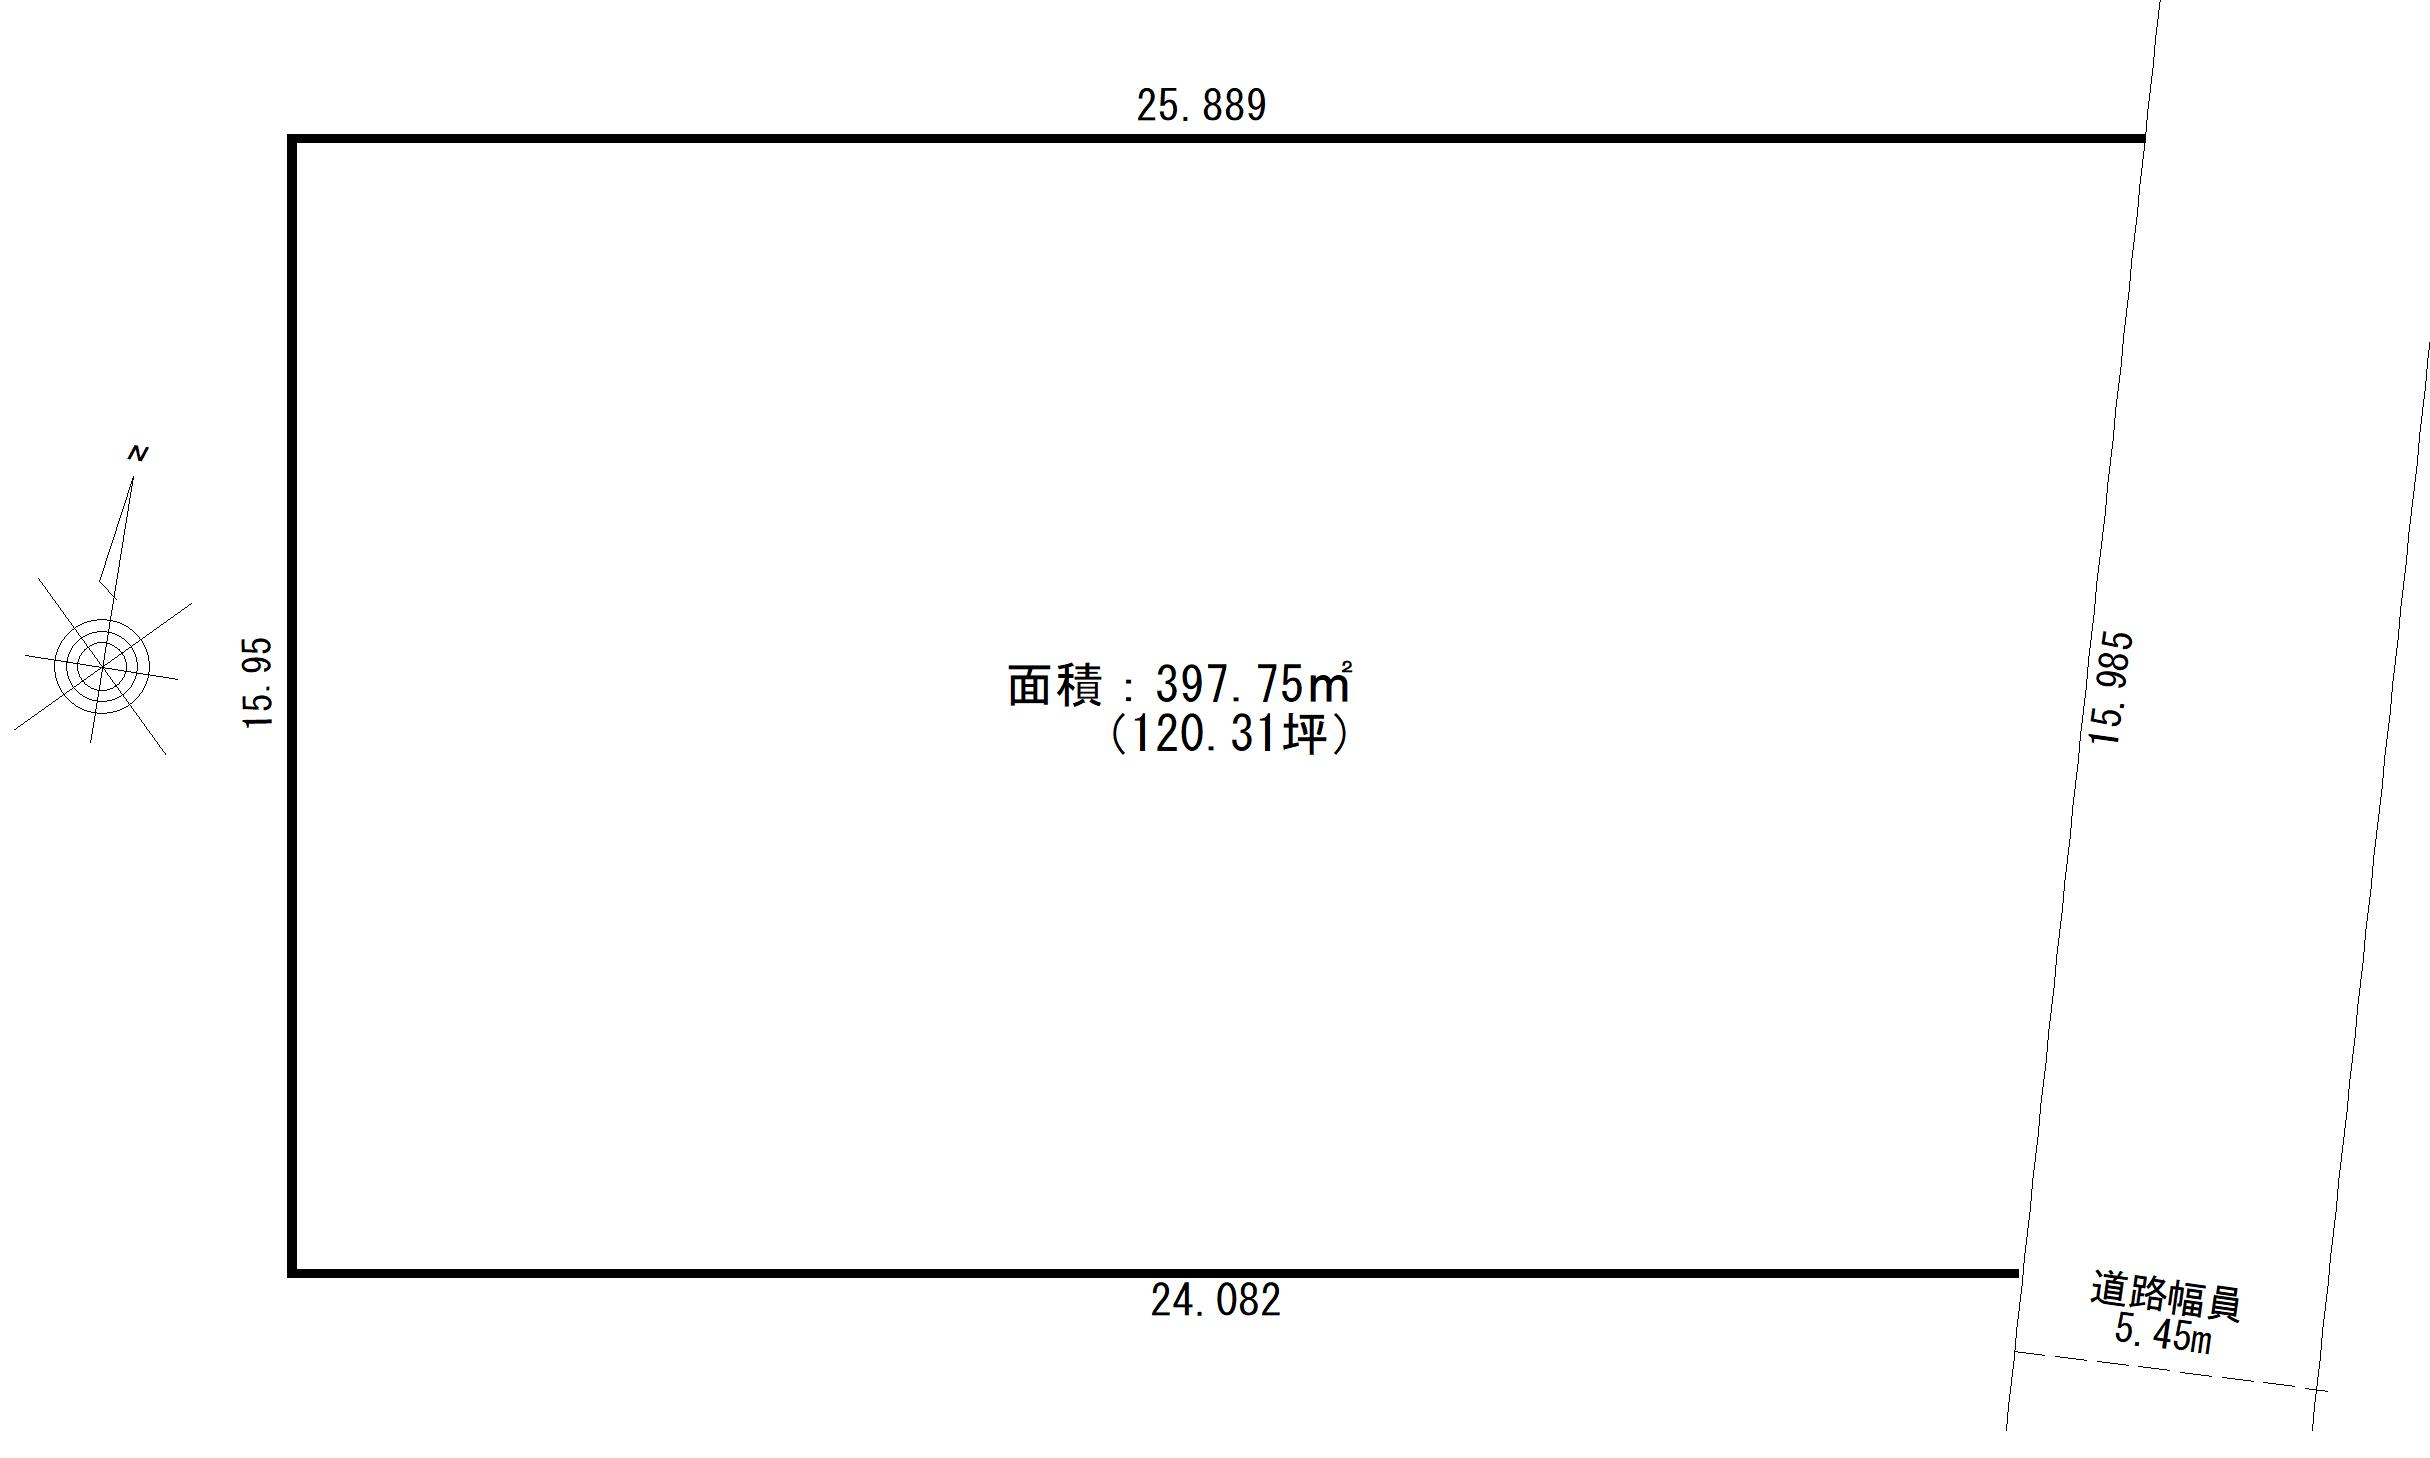 【☆売主物件☆】目黒区八雲5丁目 売地-間取り